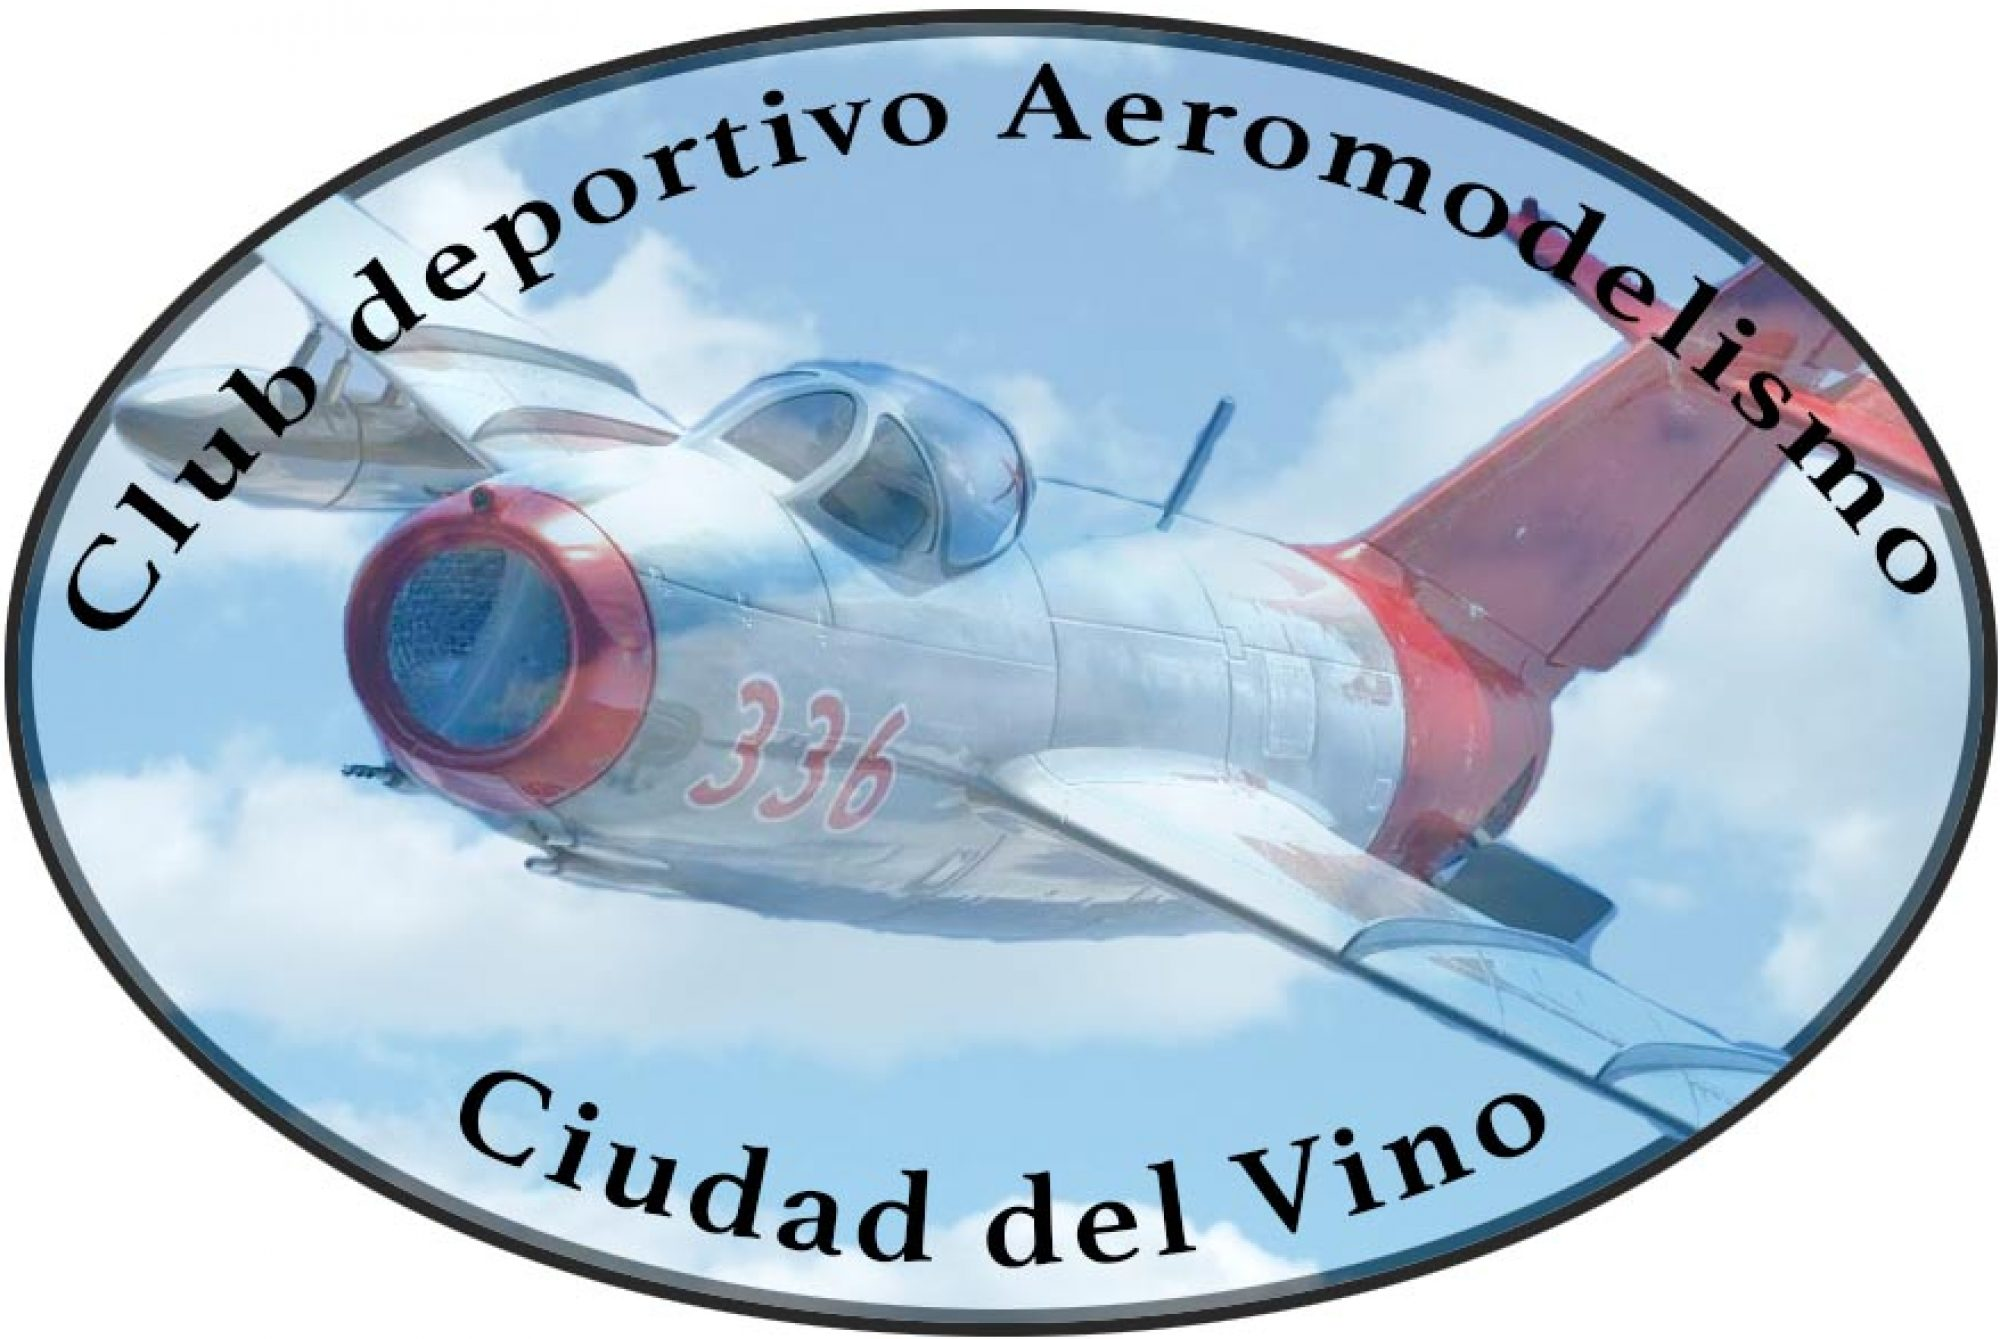 Club Aeromodelismo Ciudad del Vino